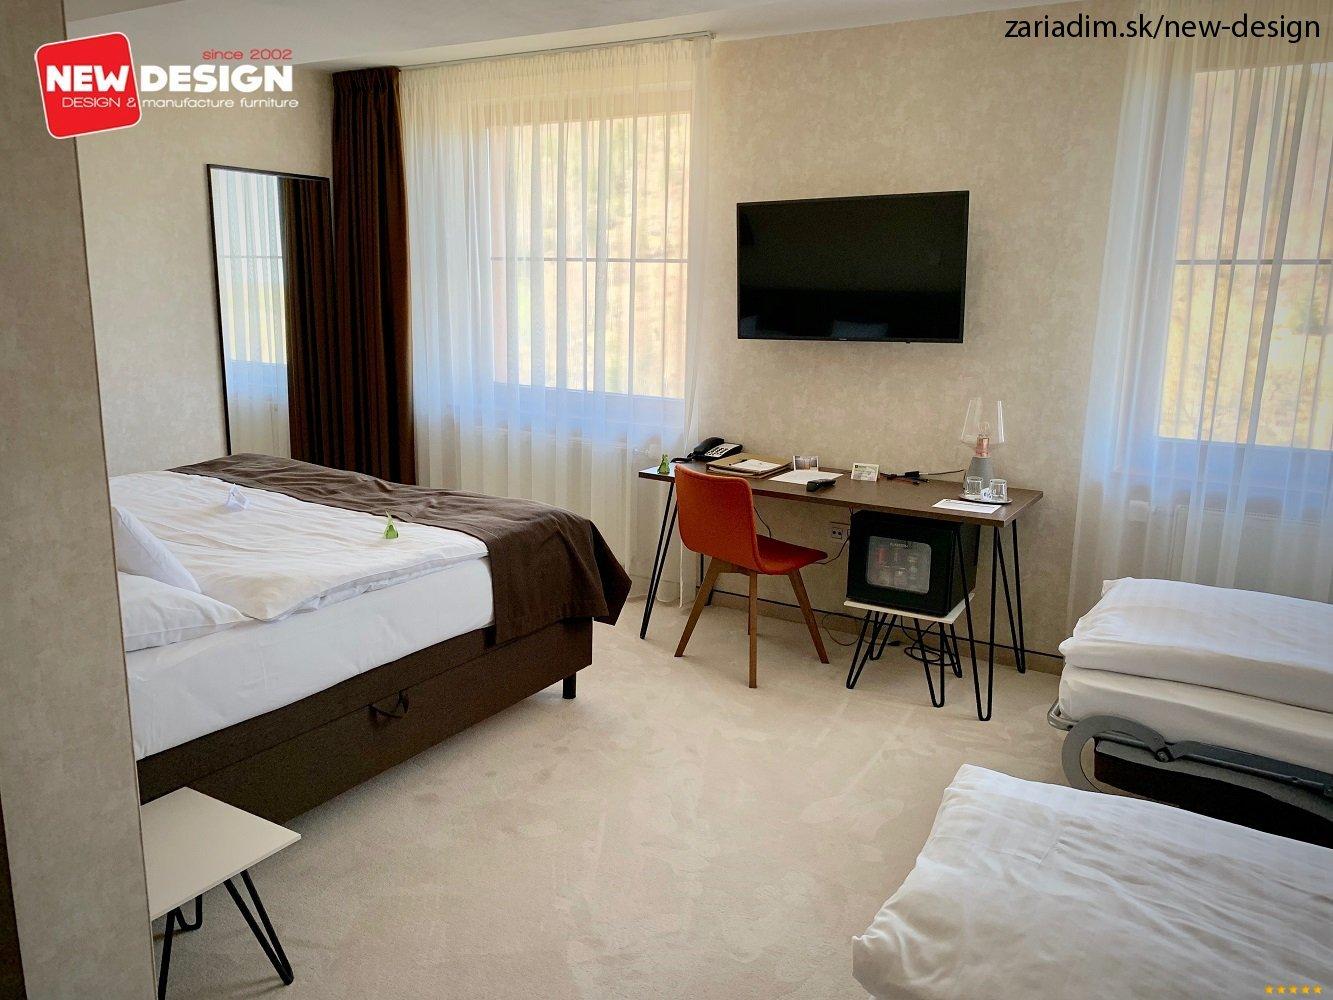 ec5a46631542 Rekonštrukcia izieb v hoteli Bellevue vo Vysokých Tatrách